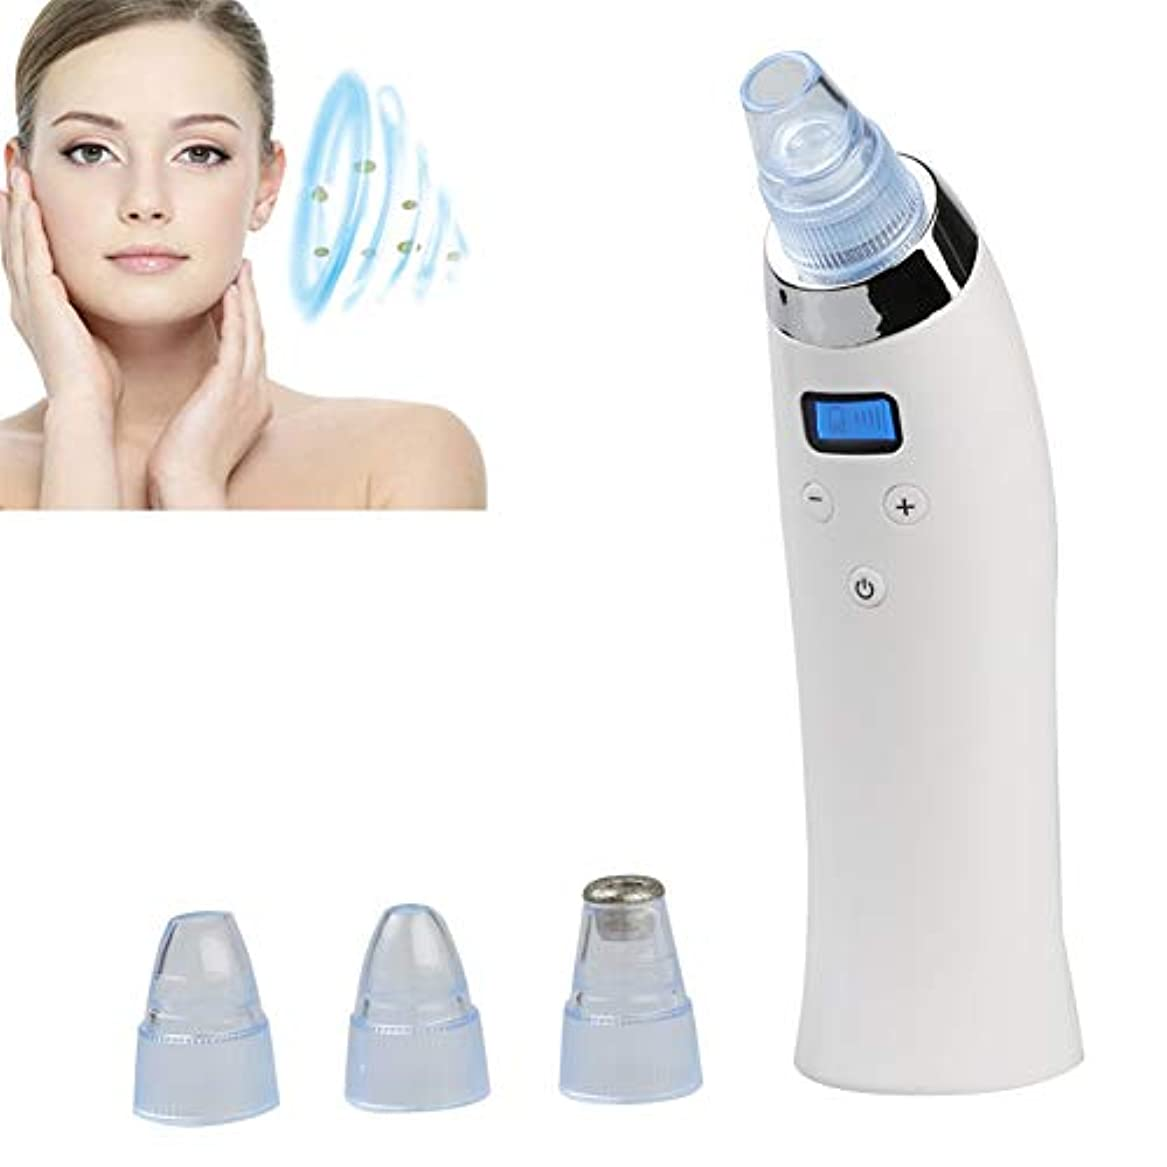 肖像画肺炎マーチャンダイジング女性と男性のための電気にきびリムーバーにきび抽出顔鼻にきび抽出器キット